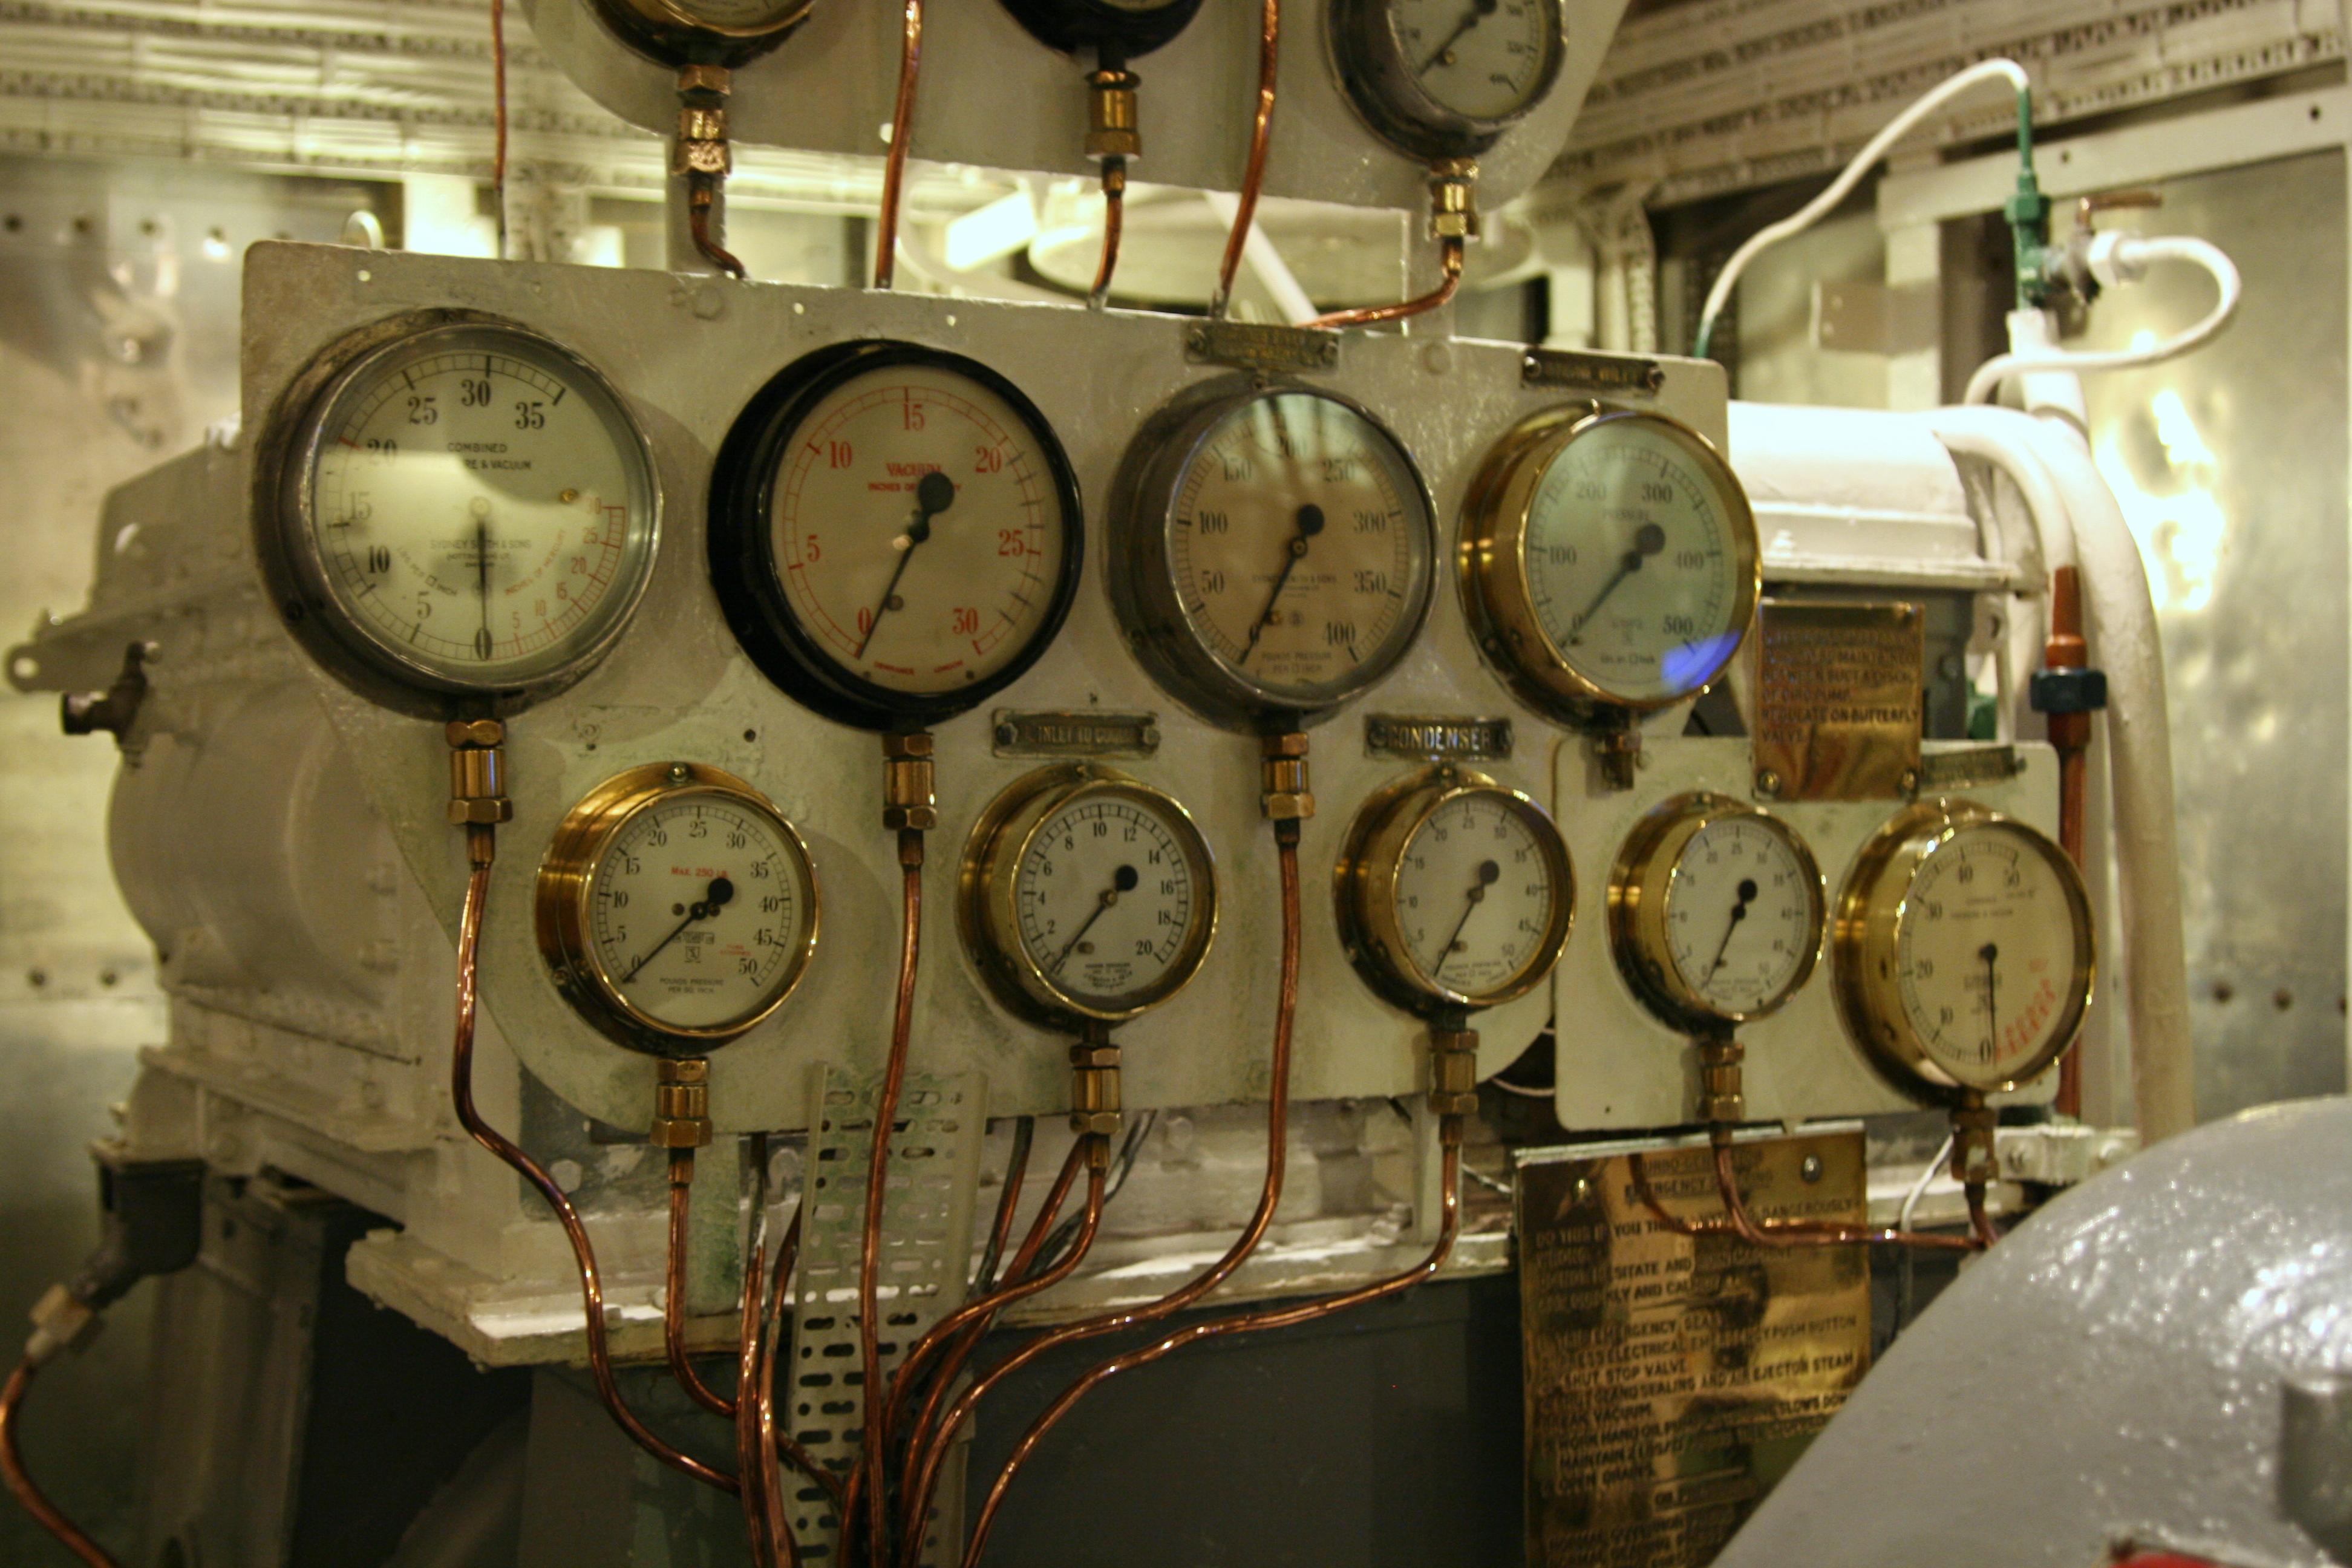 Boiler Room For Uderfrloorheating